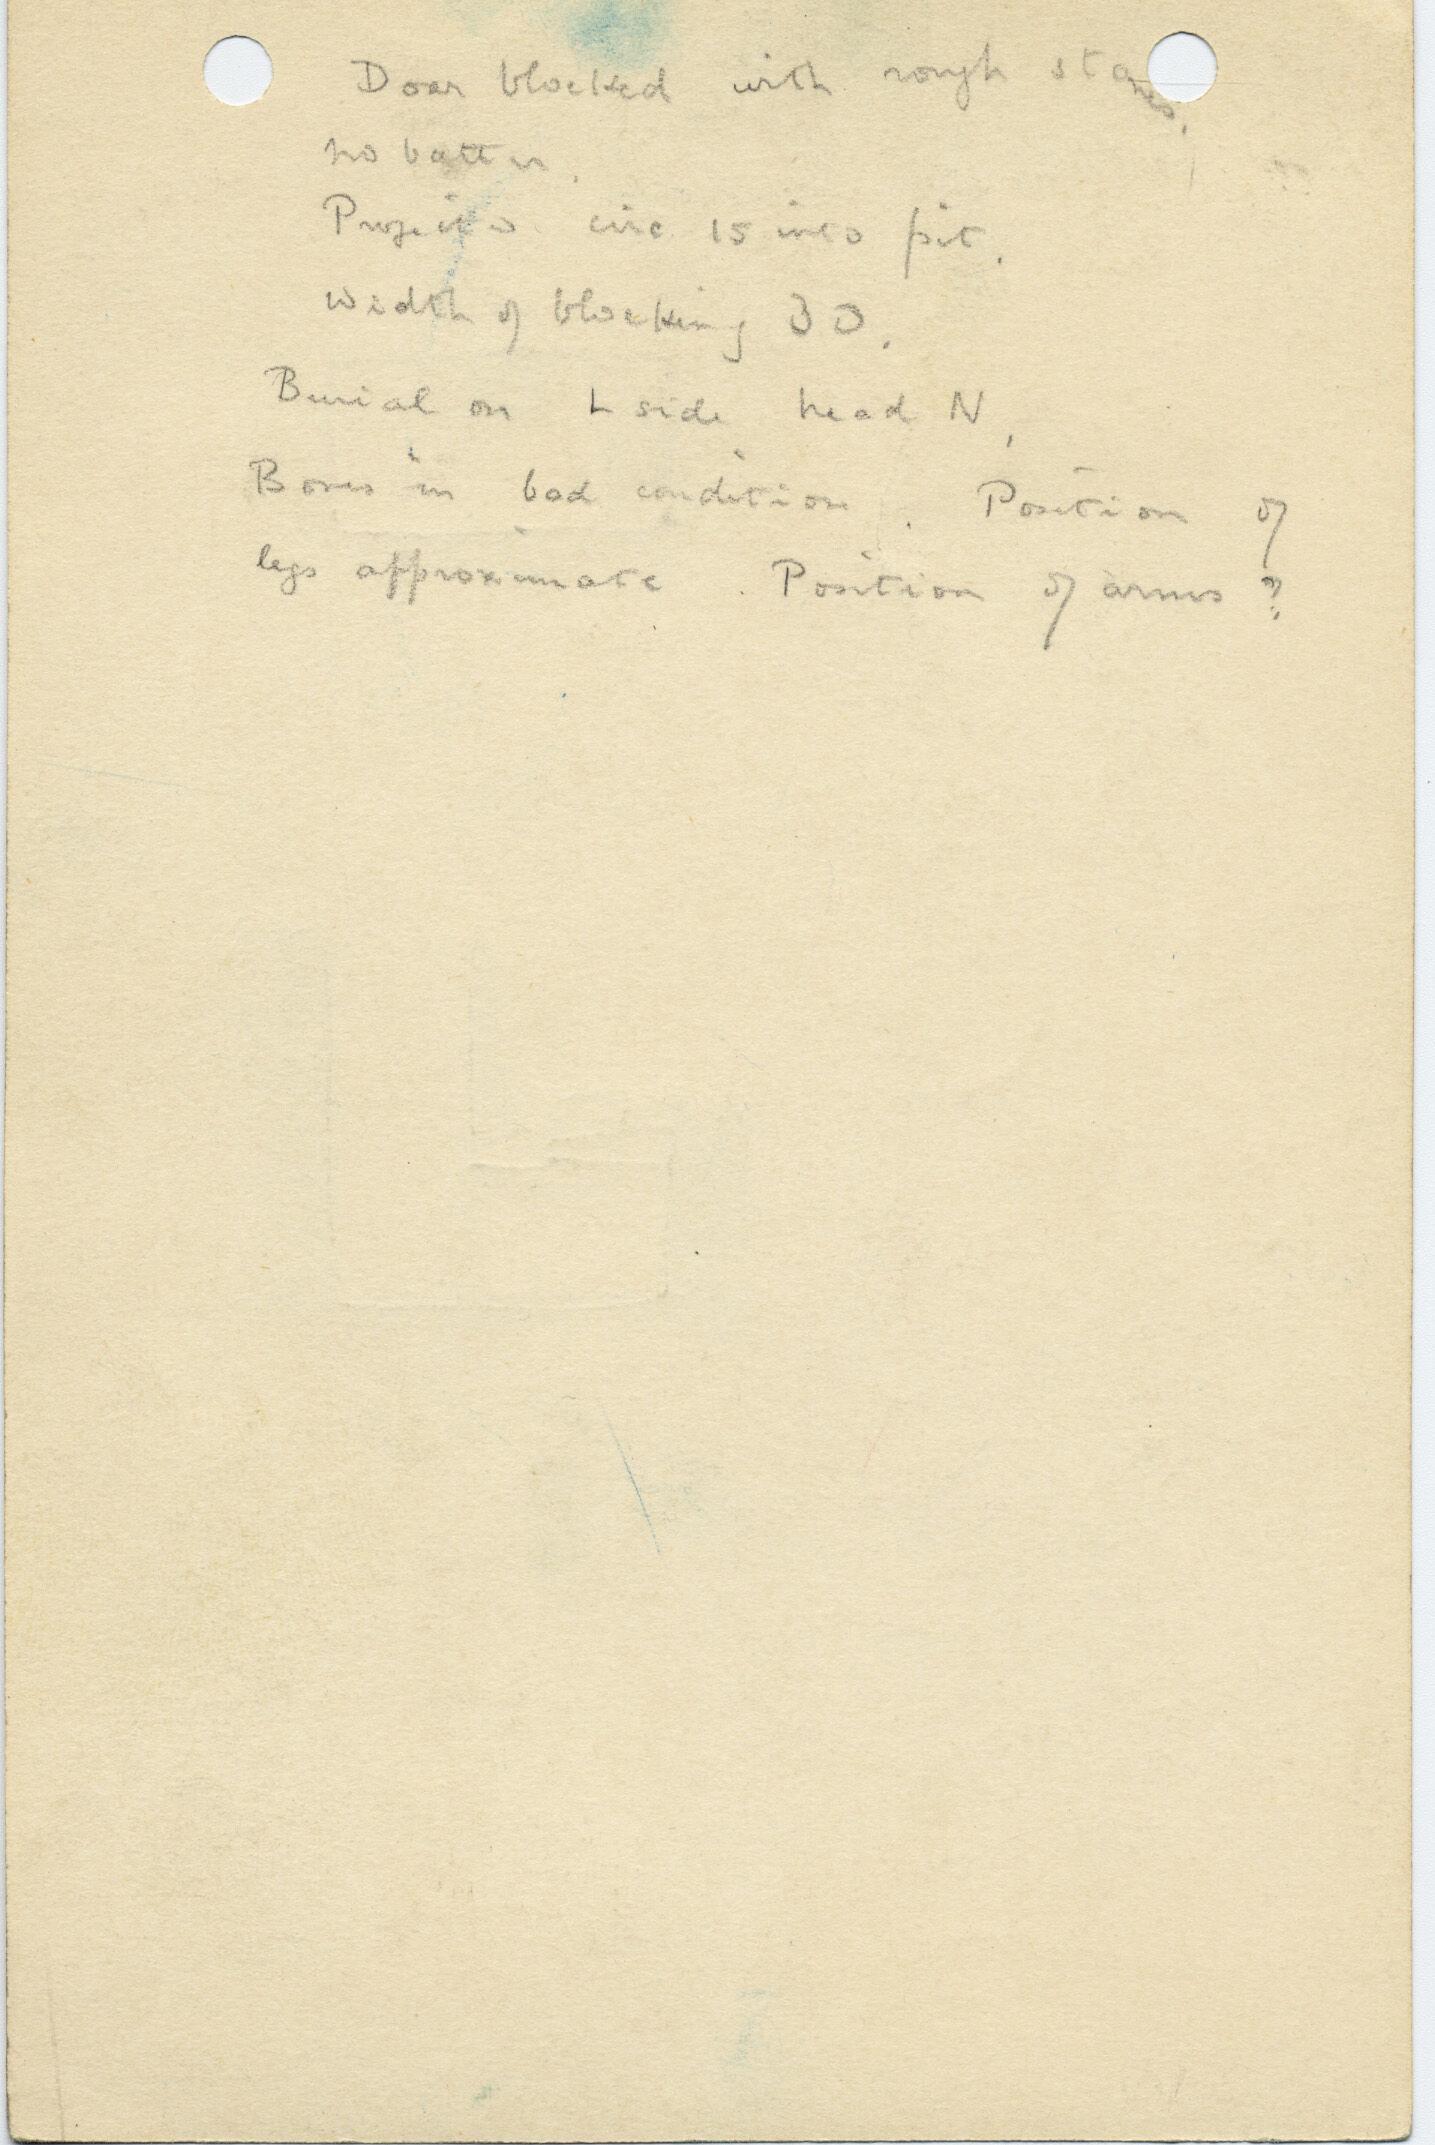 Notes: G 1035d, Shaft D, notes